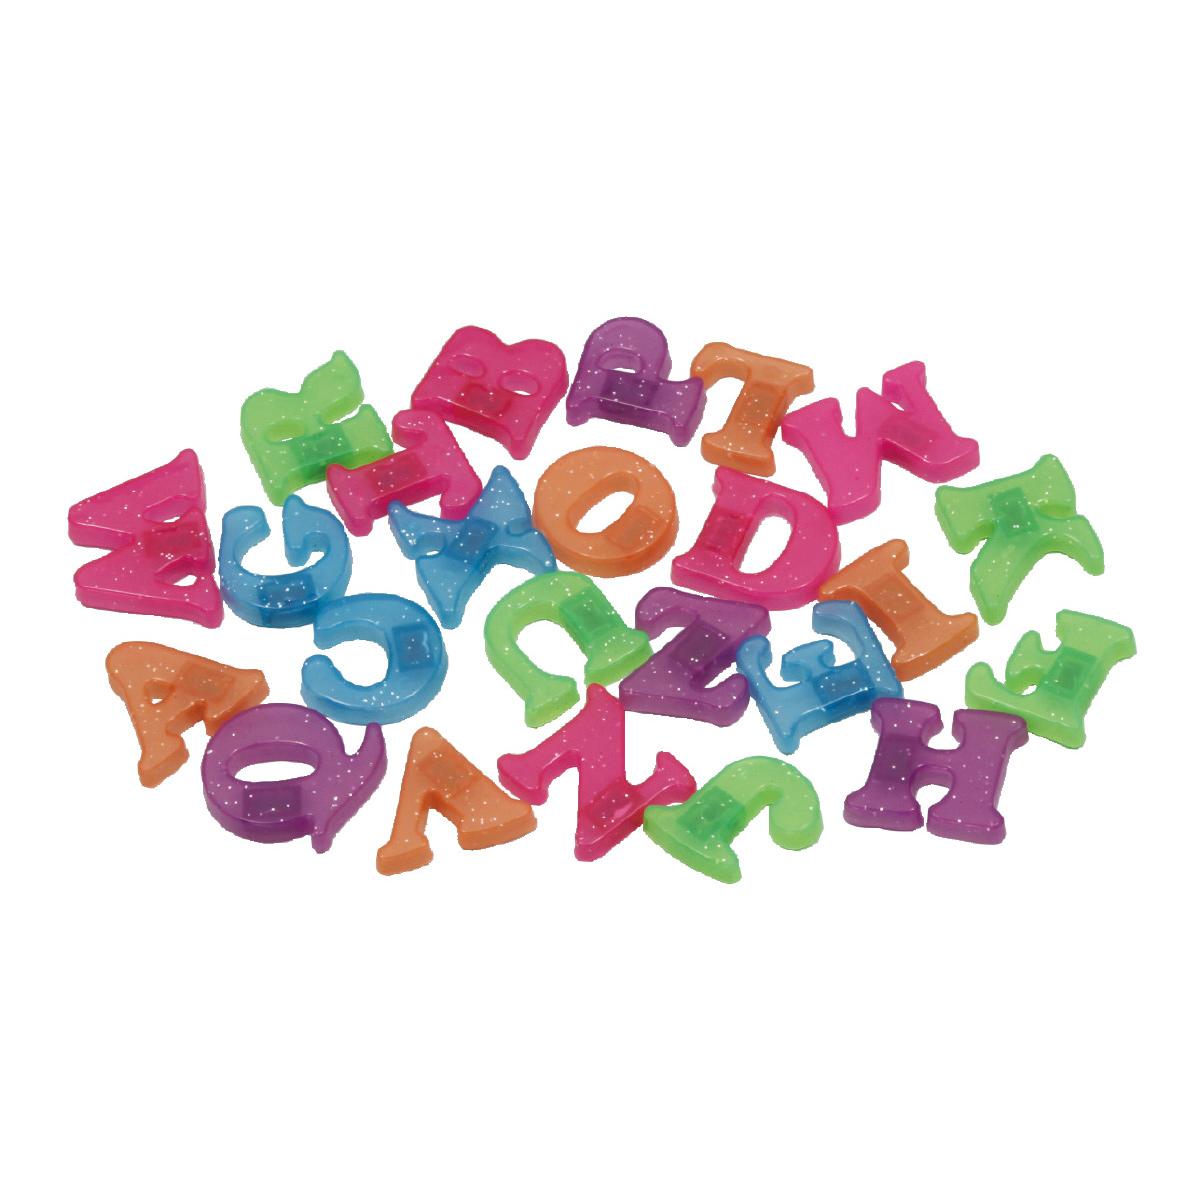 カラフル アルファベット 知育玩具 英語 子供 おもちゃ クリスマスプレゼント